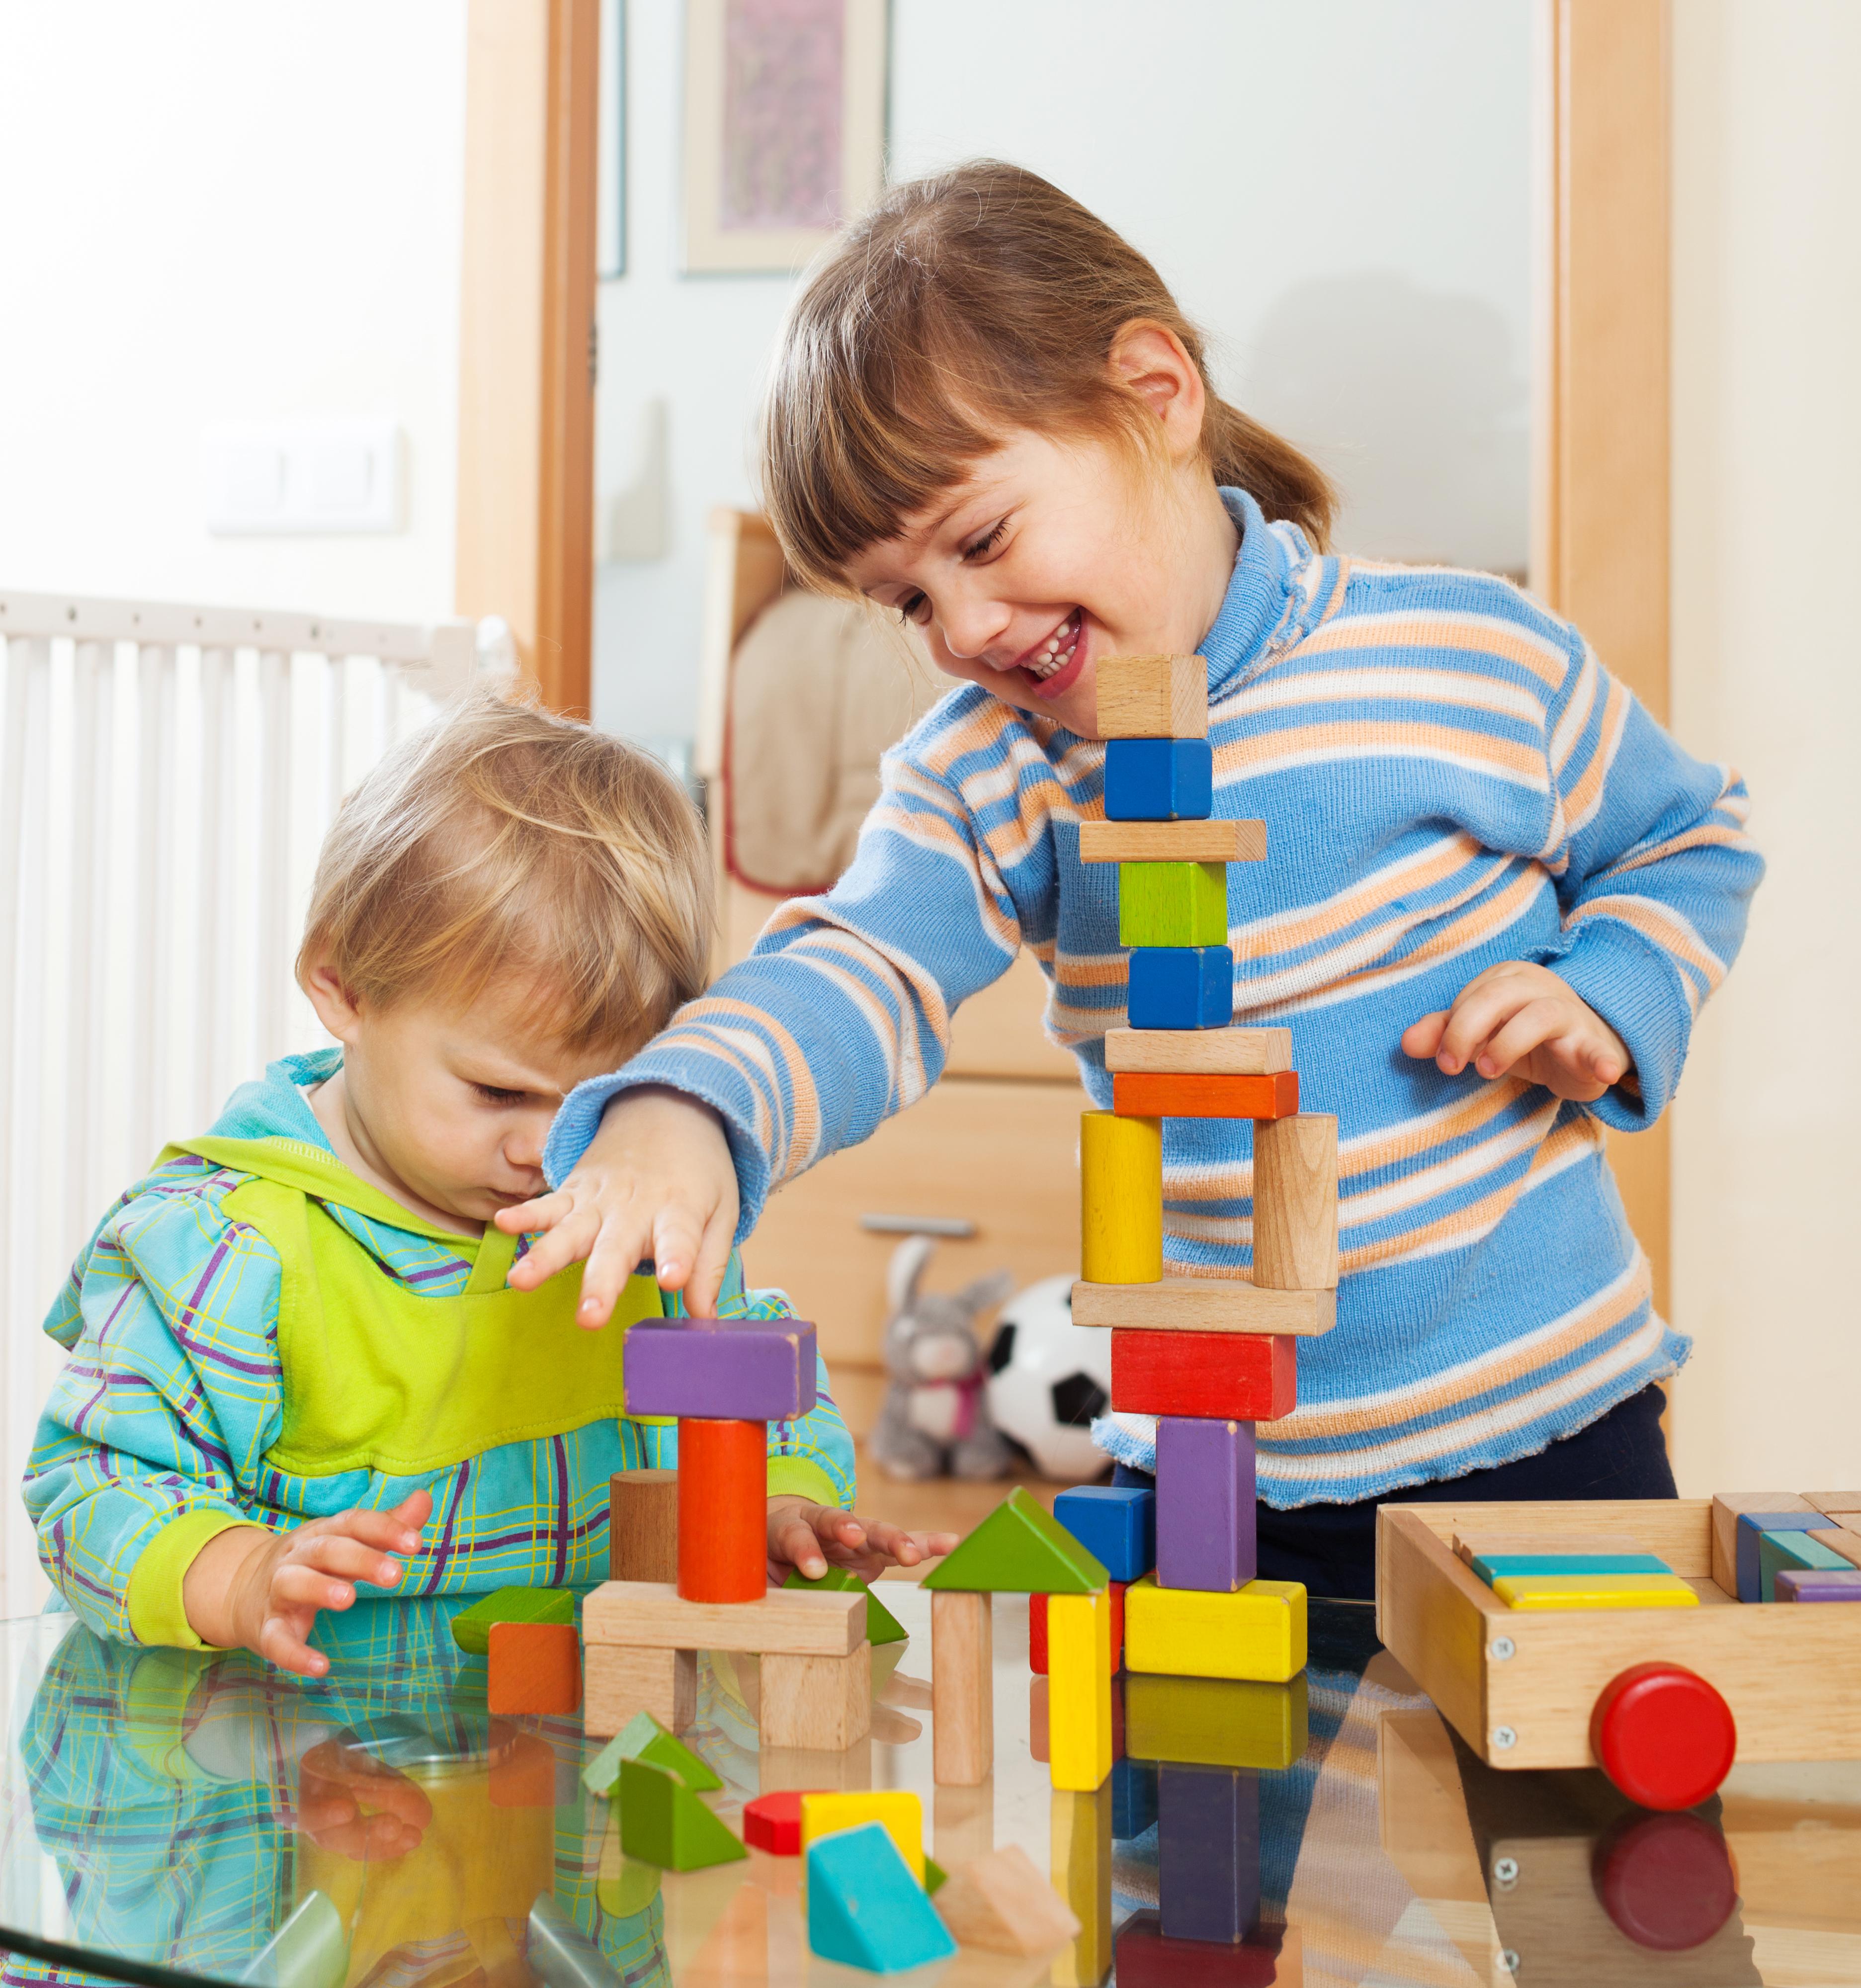 3-aspectos-positivos-en-la-formacion-de-valores-que-brinda-un-kindergarten-aleman